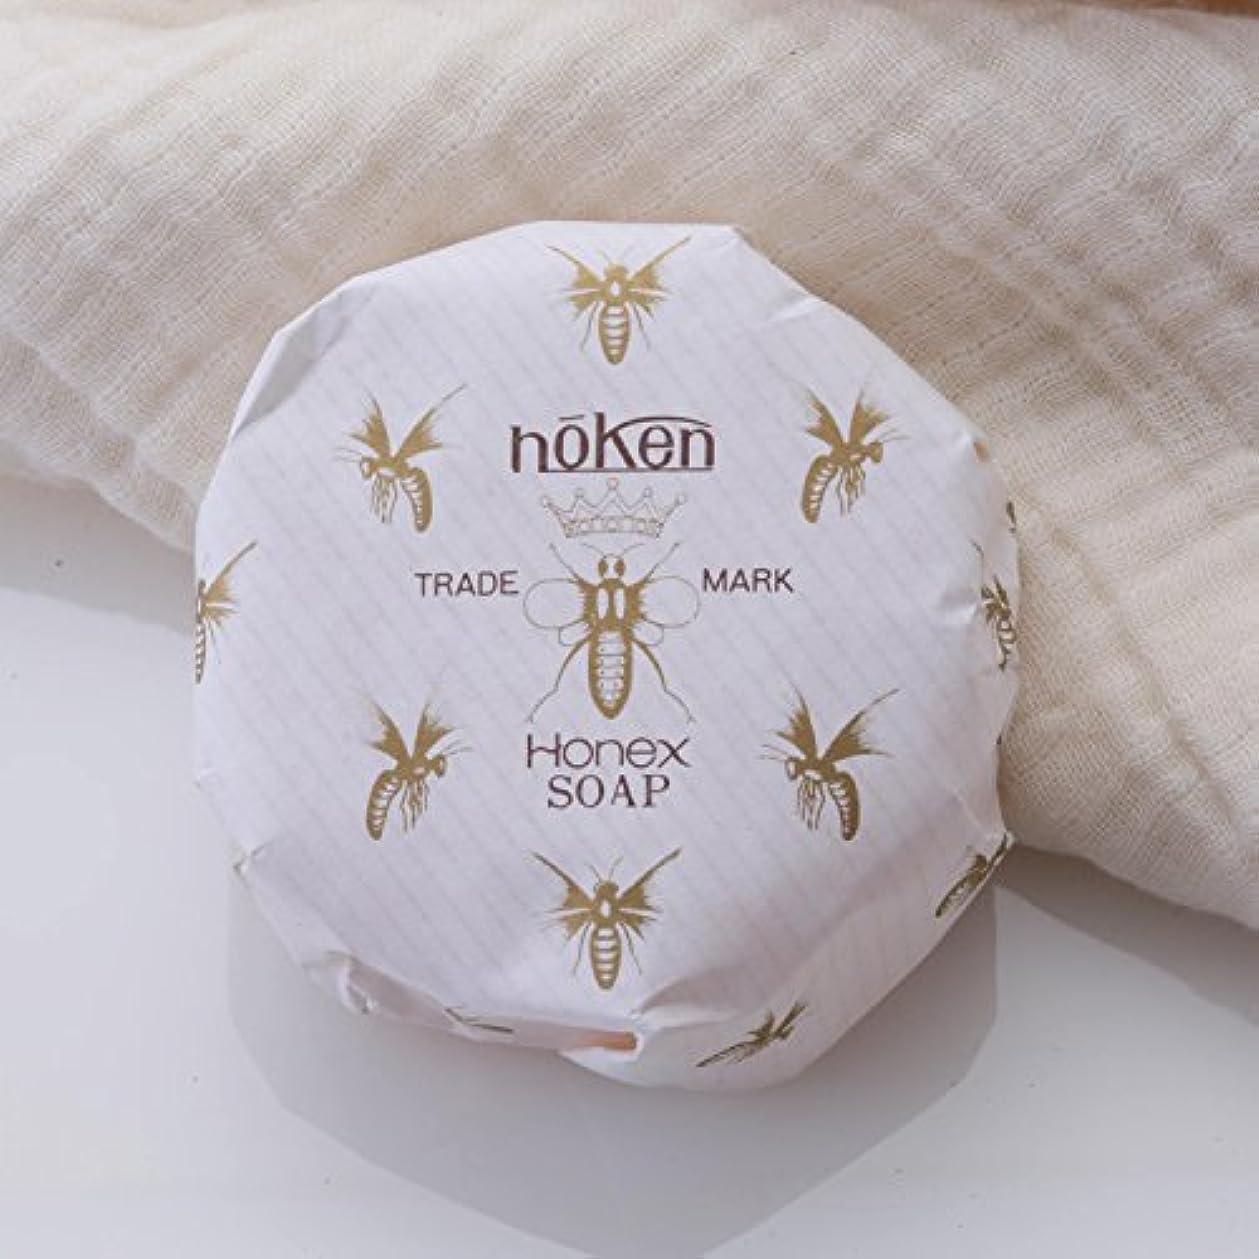 開発する乳委任するHOKEN/HONEYX ソープ 大